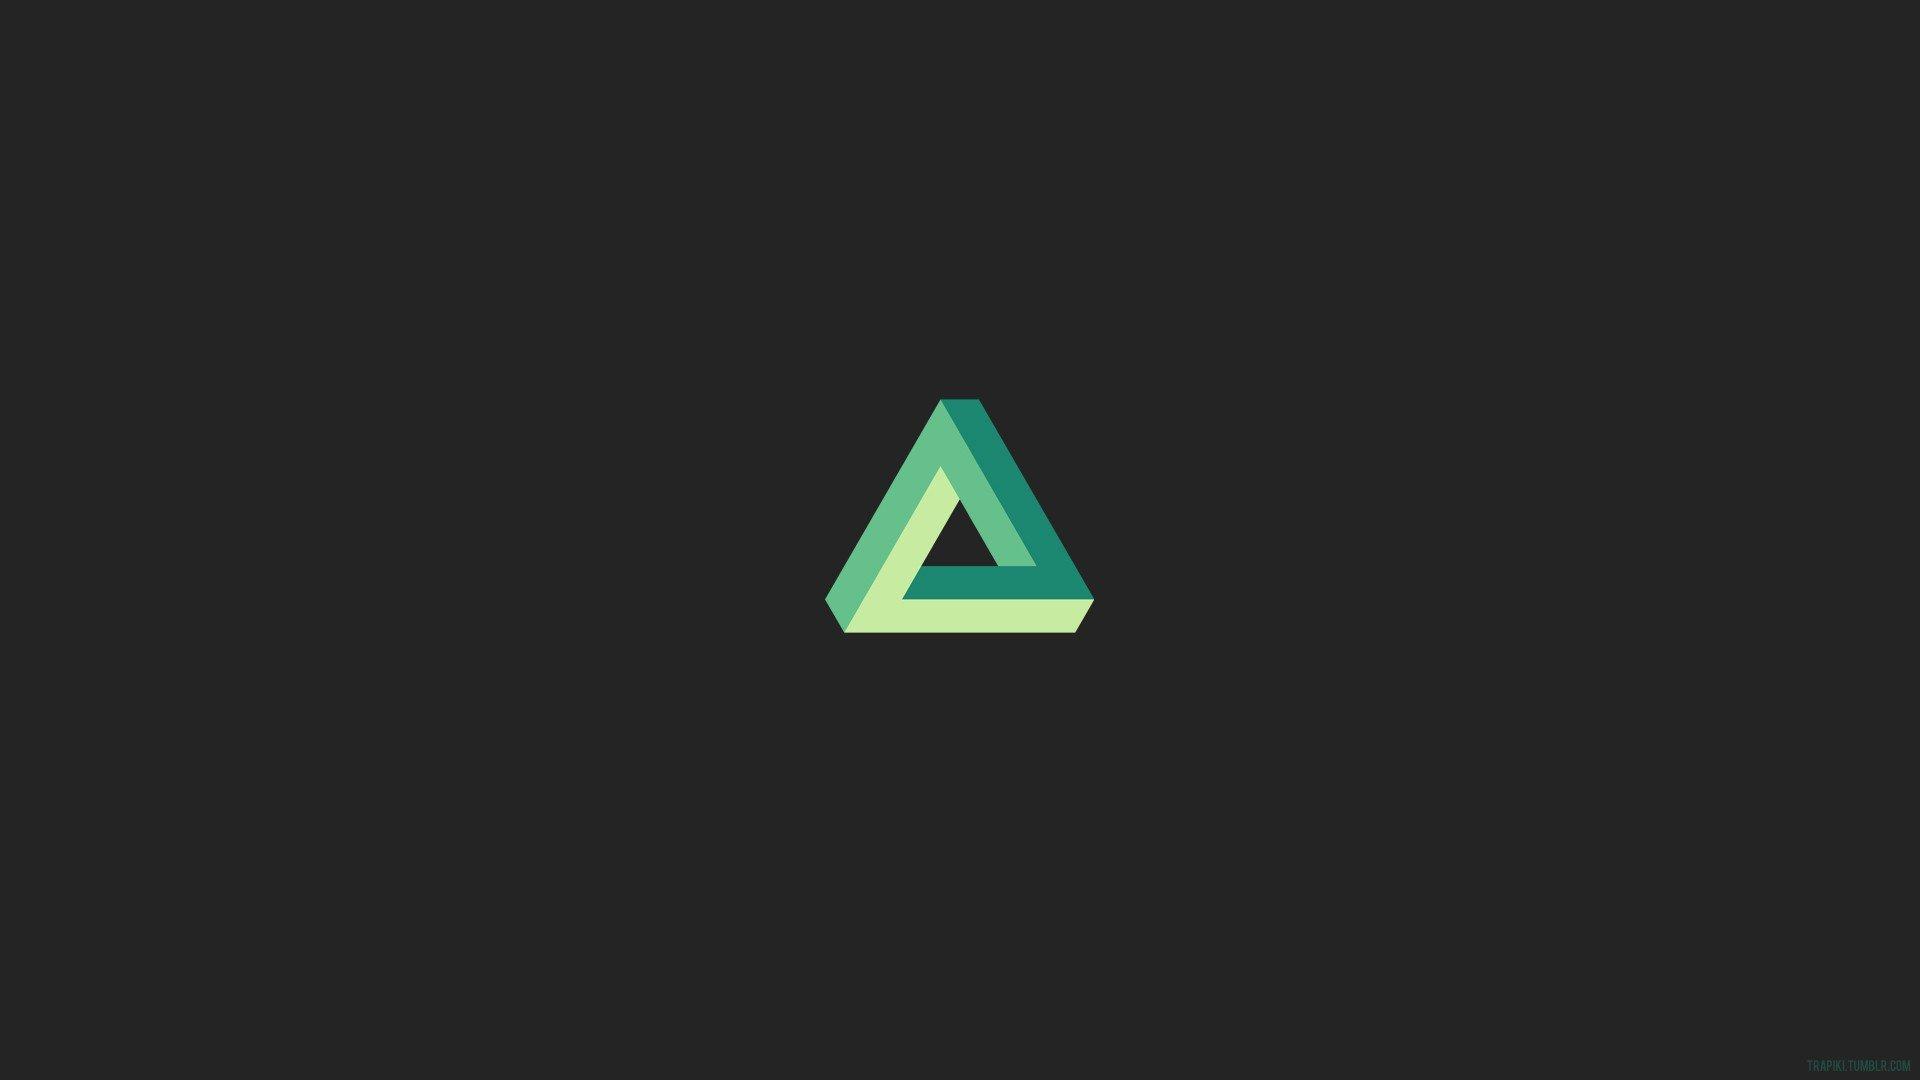 Penrose triangle, Tria...